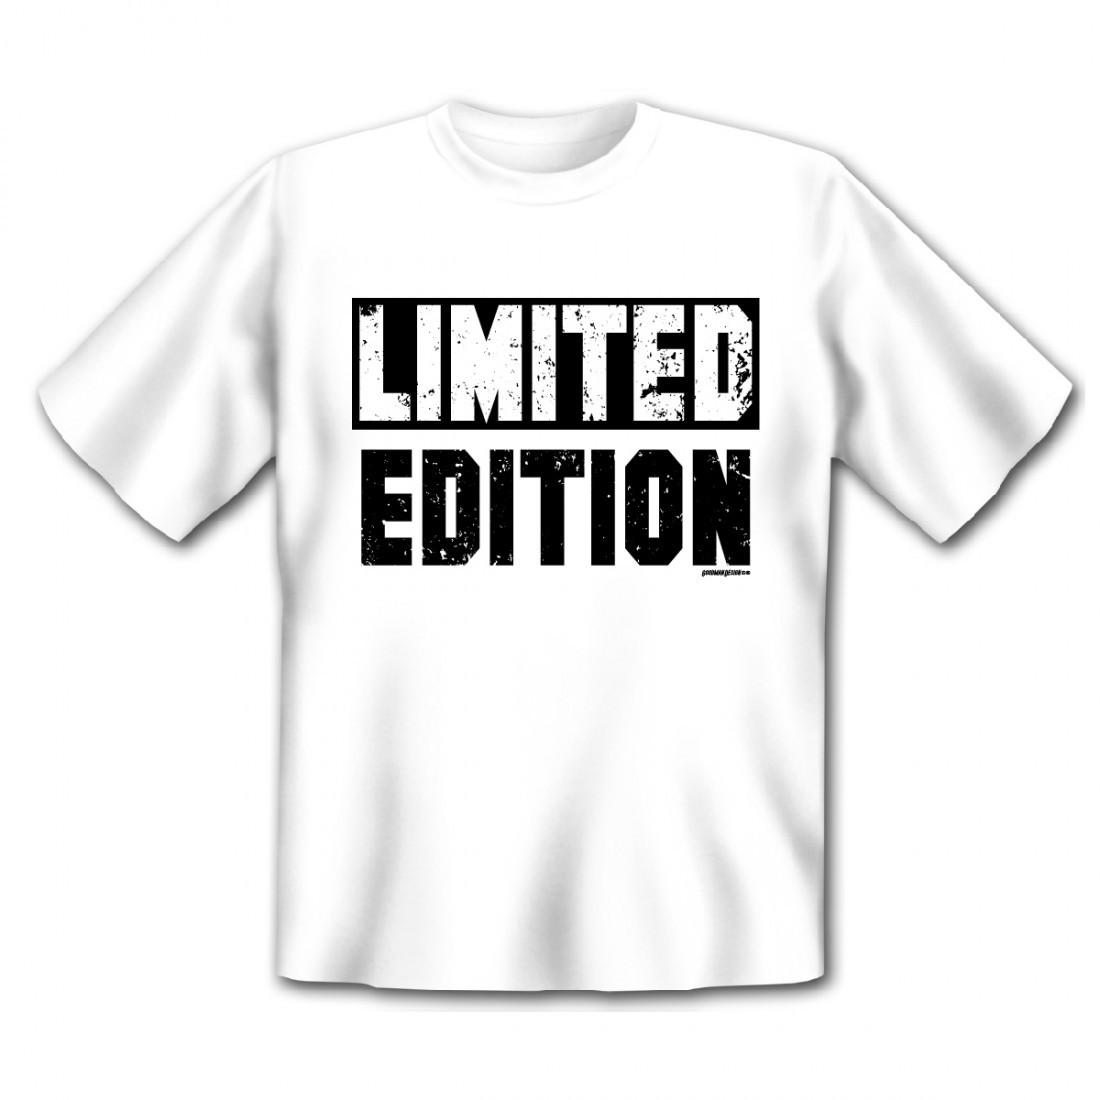 Full Size of Coole Tshirt Sprüche Für Mallorca Coole Tshirt Sprüche Englisch Coole T Shirts Mit Sprüchen Coole T Shirt Sprüche Küche Coole T Shirt Sprüche